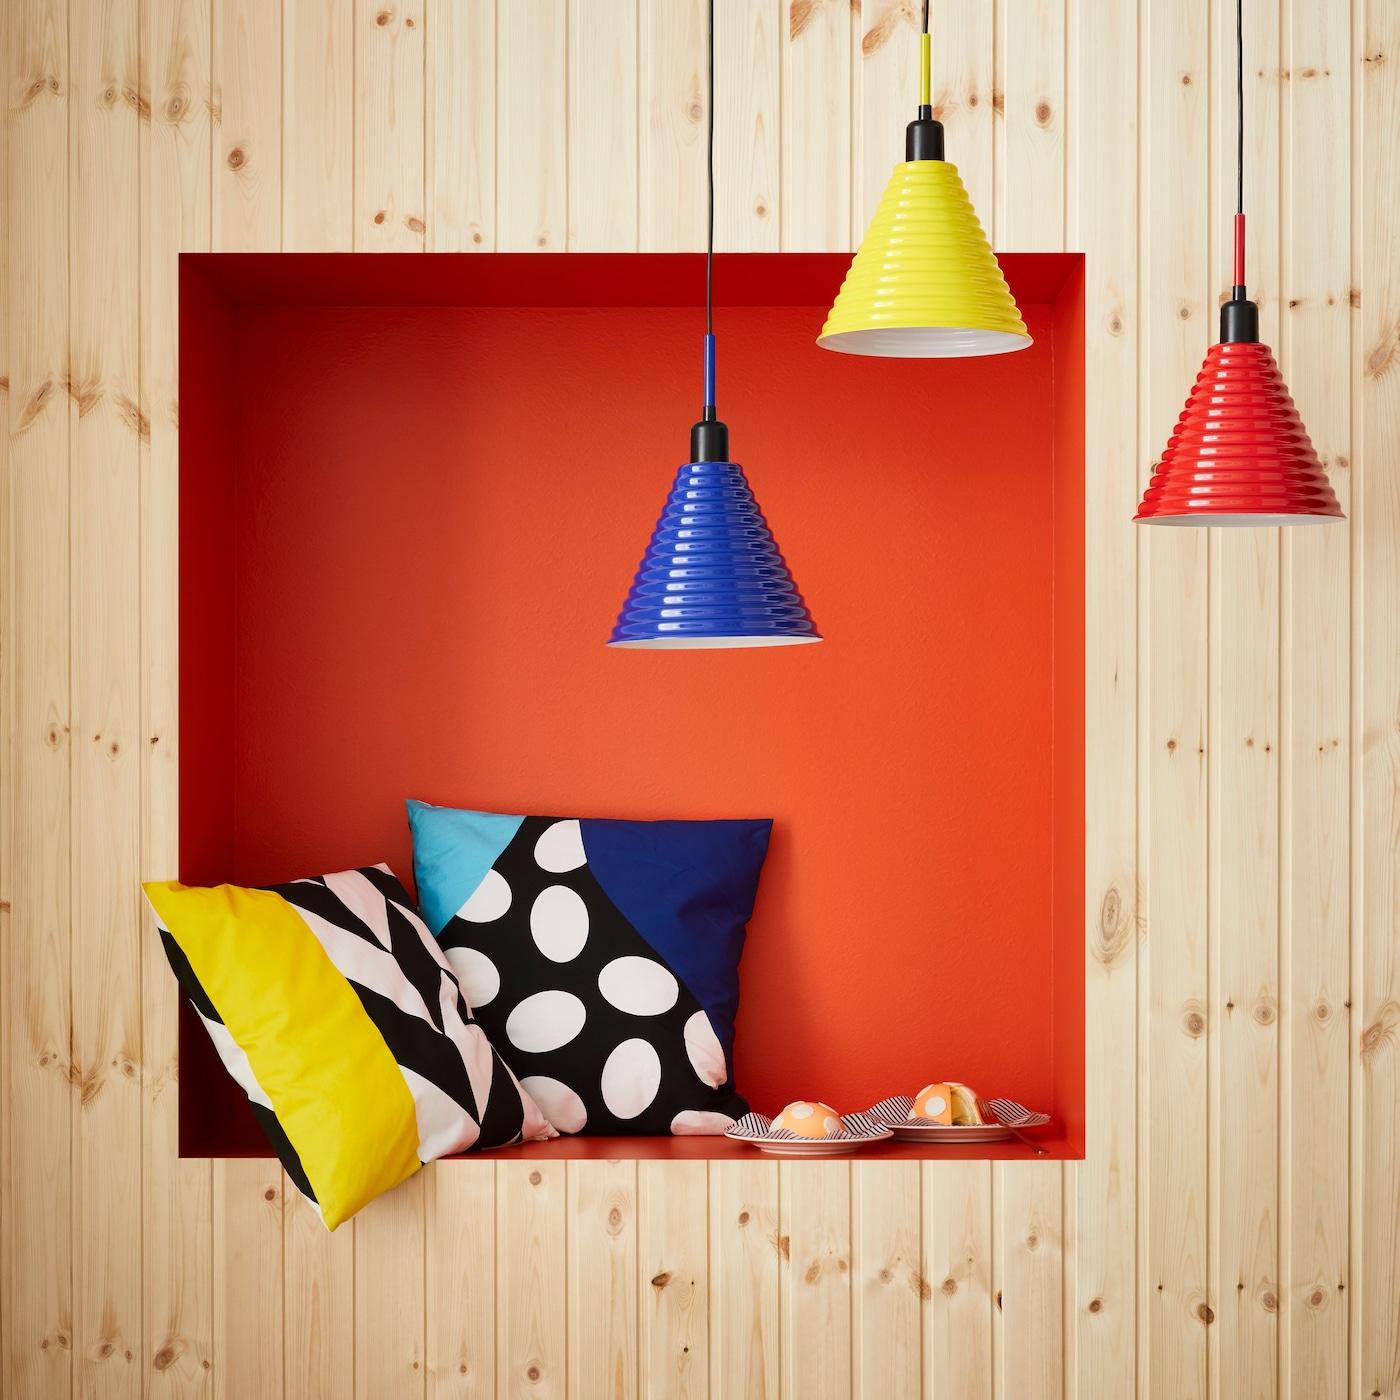 Die GRATULERA Jubiläumskollektion bringt etwas 70er- und 80er-Jahre-Flair in dein Zuhause. Damit feiern wir 75 Jahre IKEA Design.